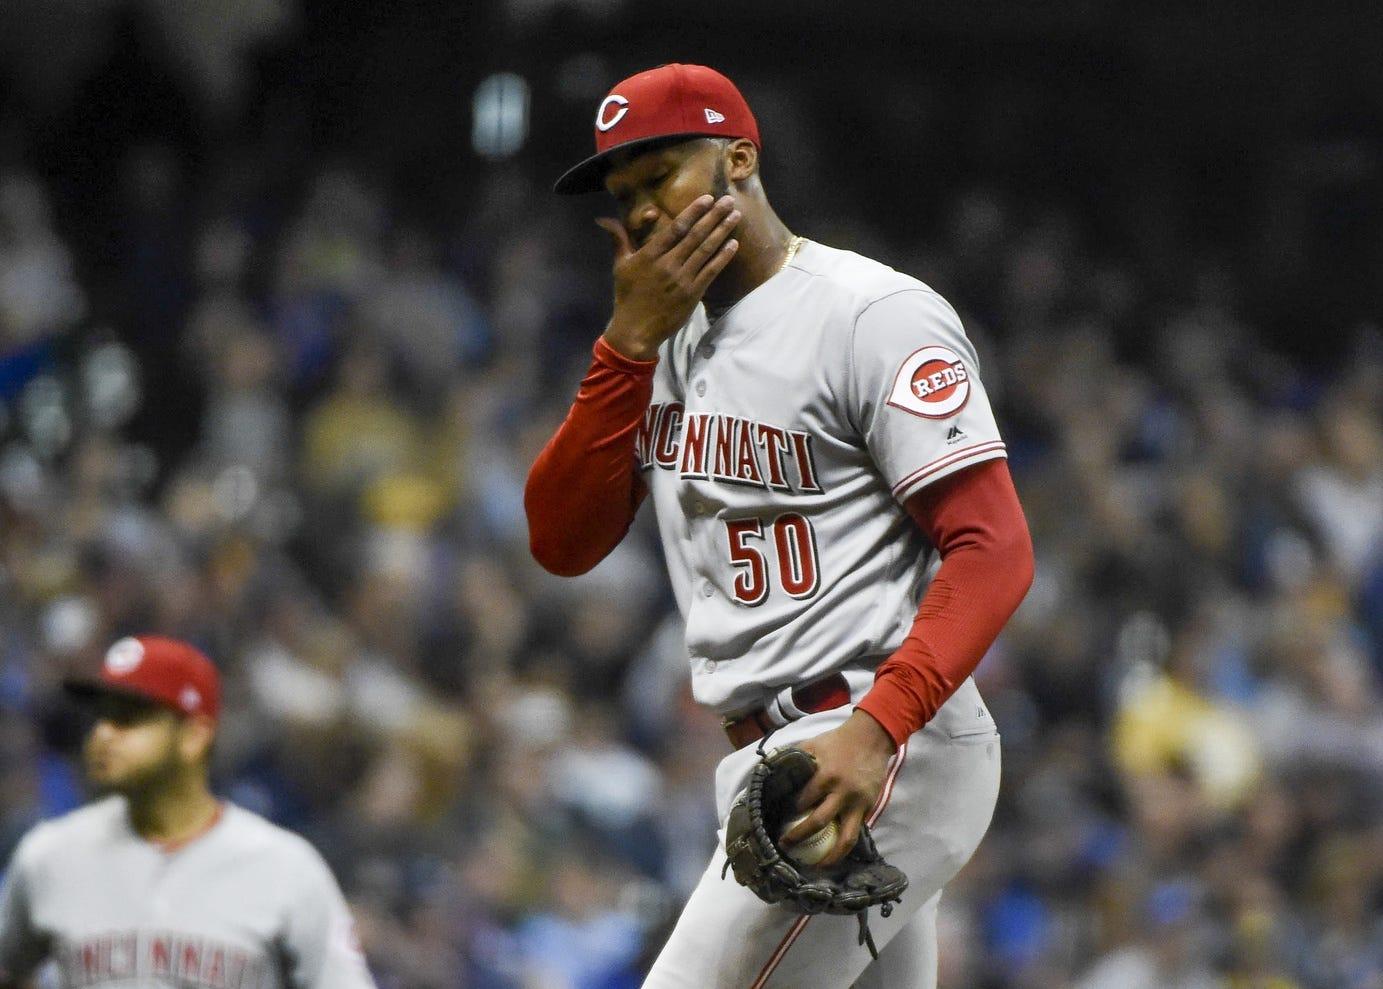 Reds recap: Amir Garrett struggles in loss